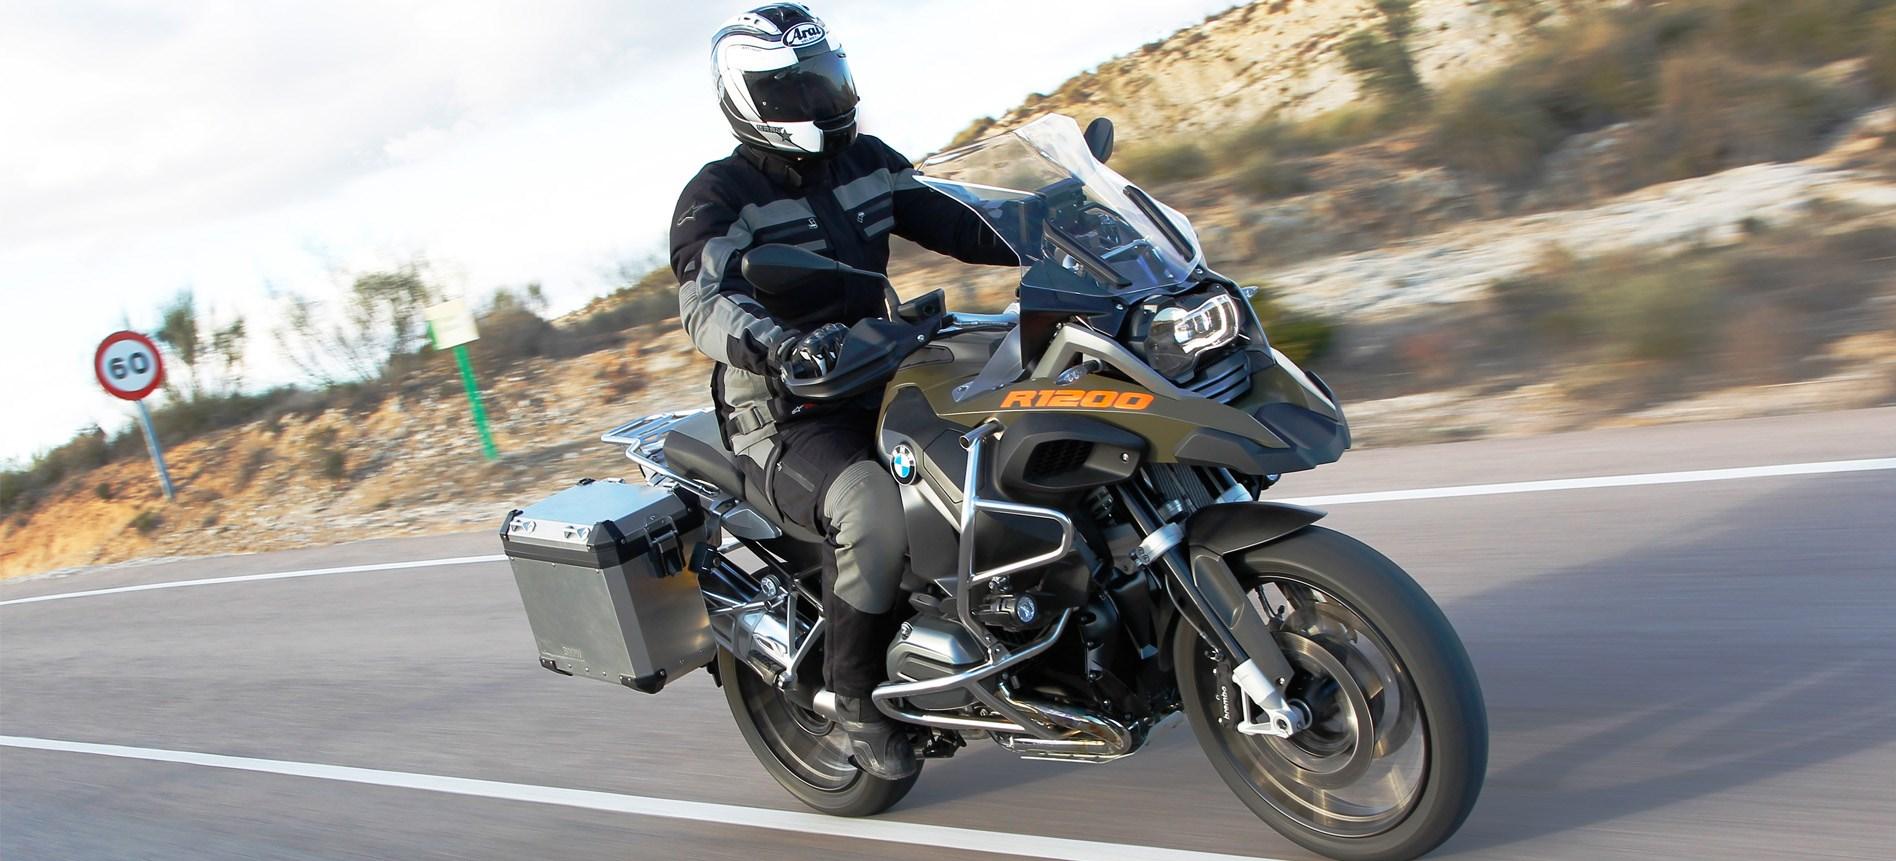 Bmw 1200 gs adv low suspension reviews autos post